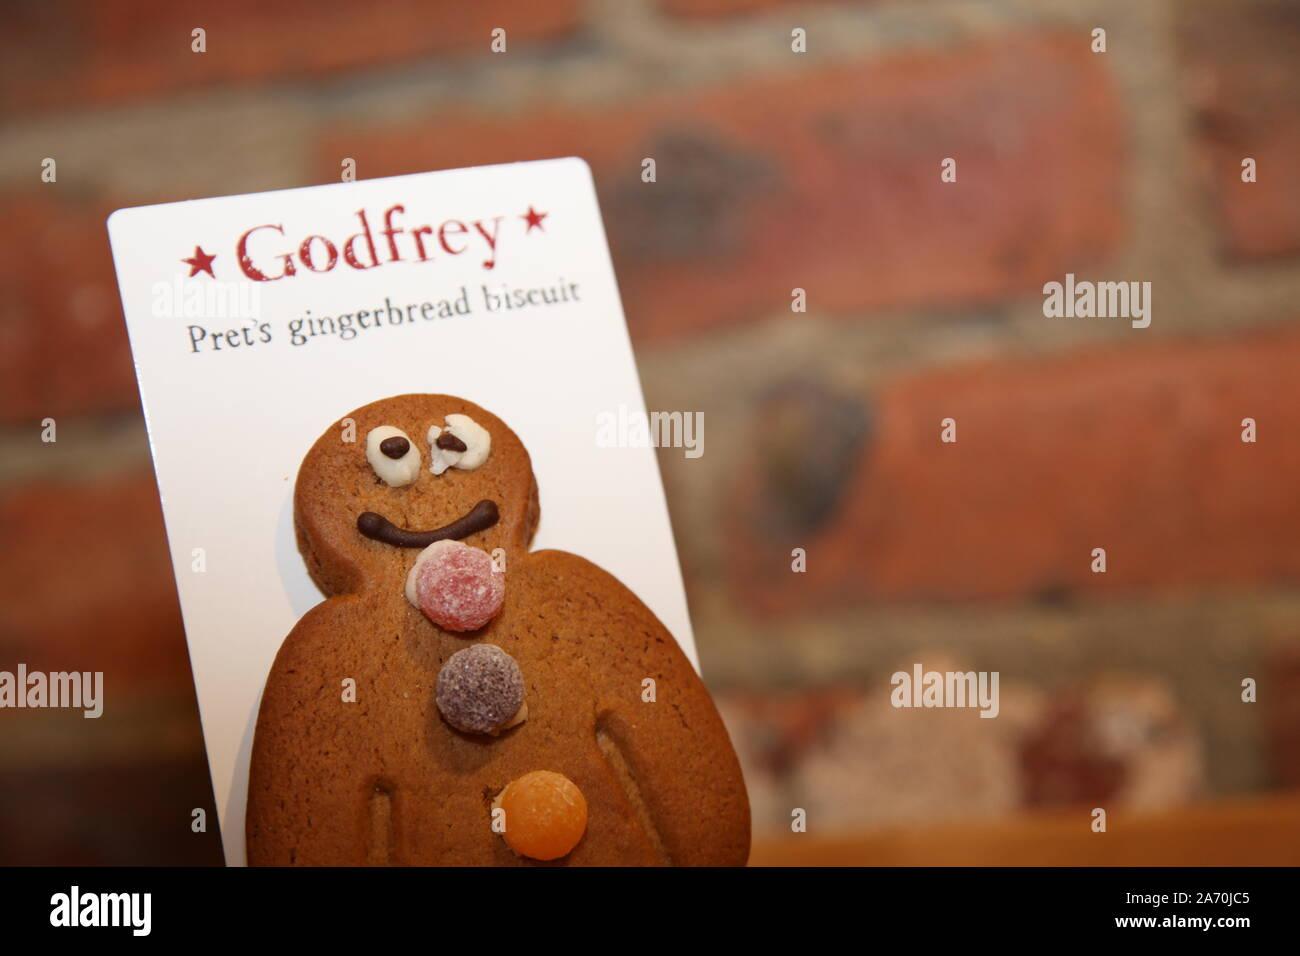 Godfrey, Prets Lebkuchen-Mann-Keks mit einem schlecht vereisten Auge vor Backstein-Hintergrund mit Kopierraum Stockfoto